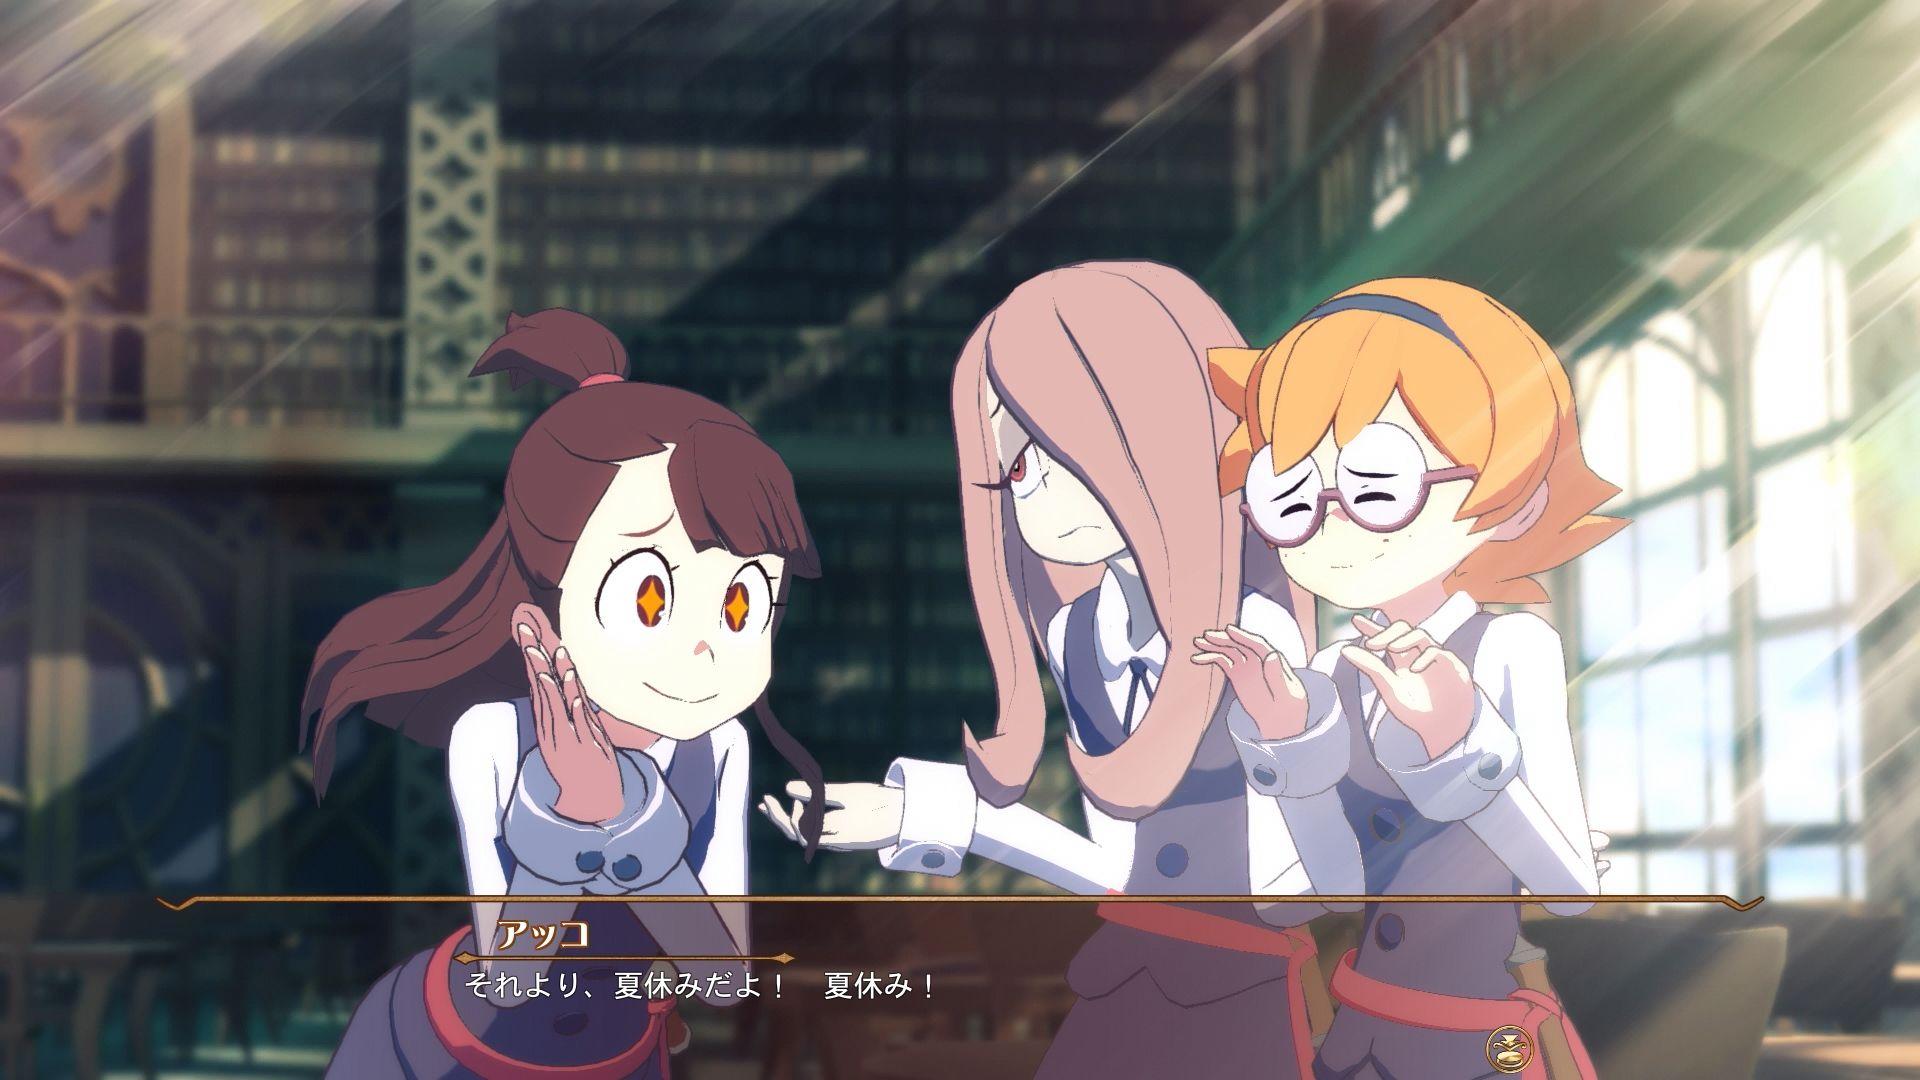 PS4 リトルウィッチアカデミア ゲーム化 発売日 バンダイナムコゲームスに関連した画像-01